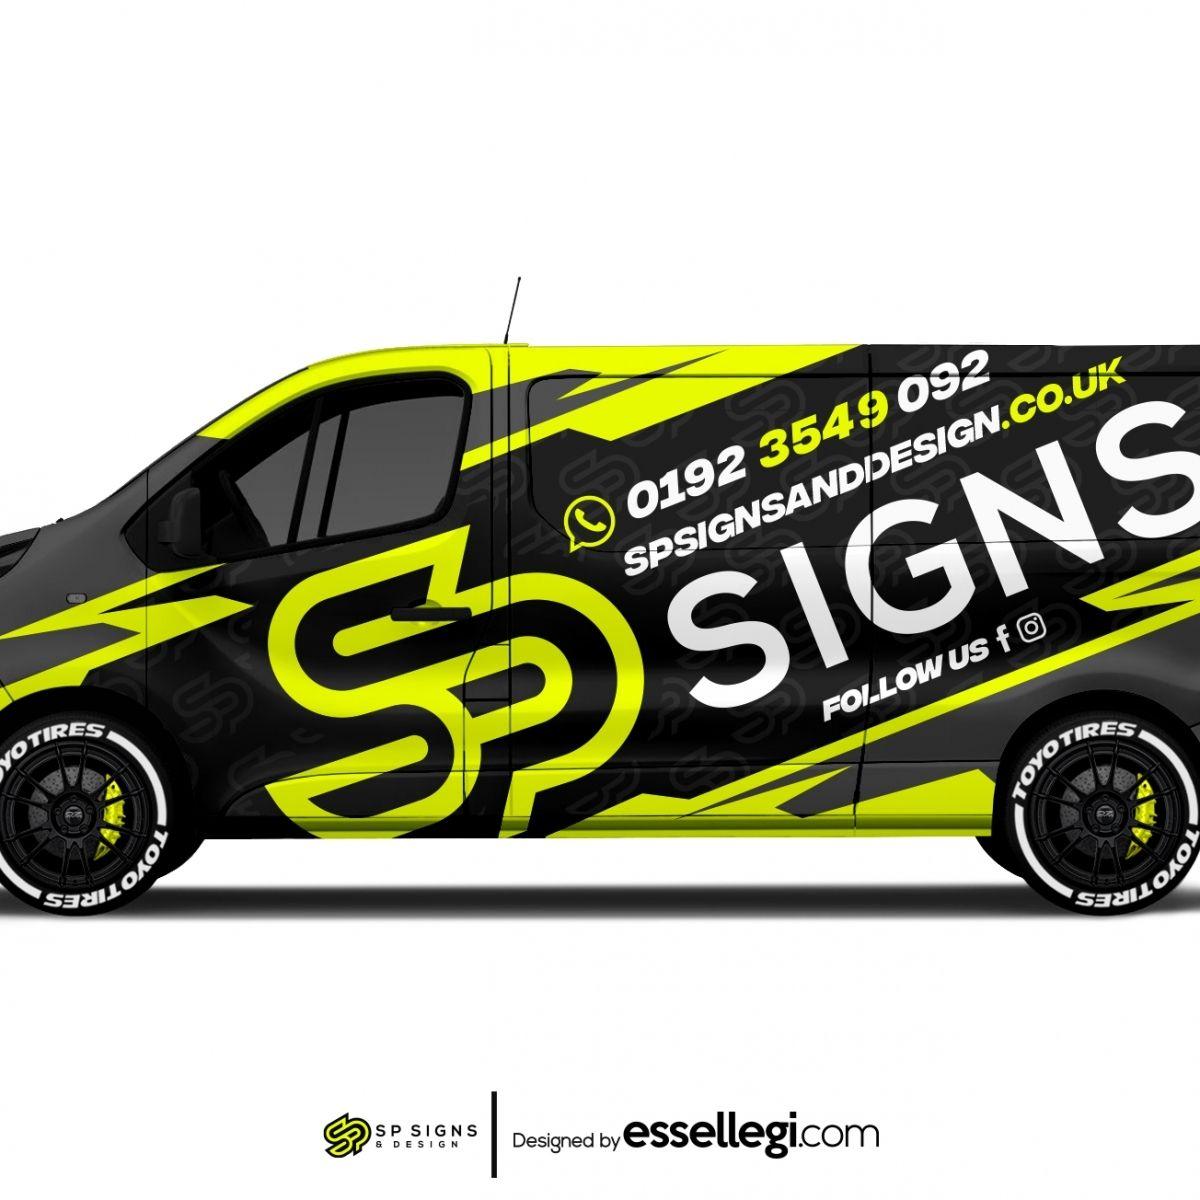 Sp Signs And Design Van Wrap Design Van Wrap Van Signage Vehicle Signage [ 1200 x 1200 Pixel ]